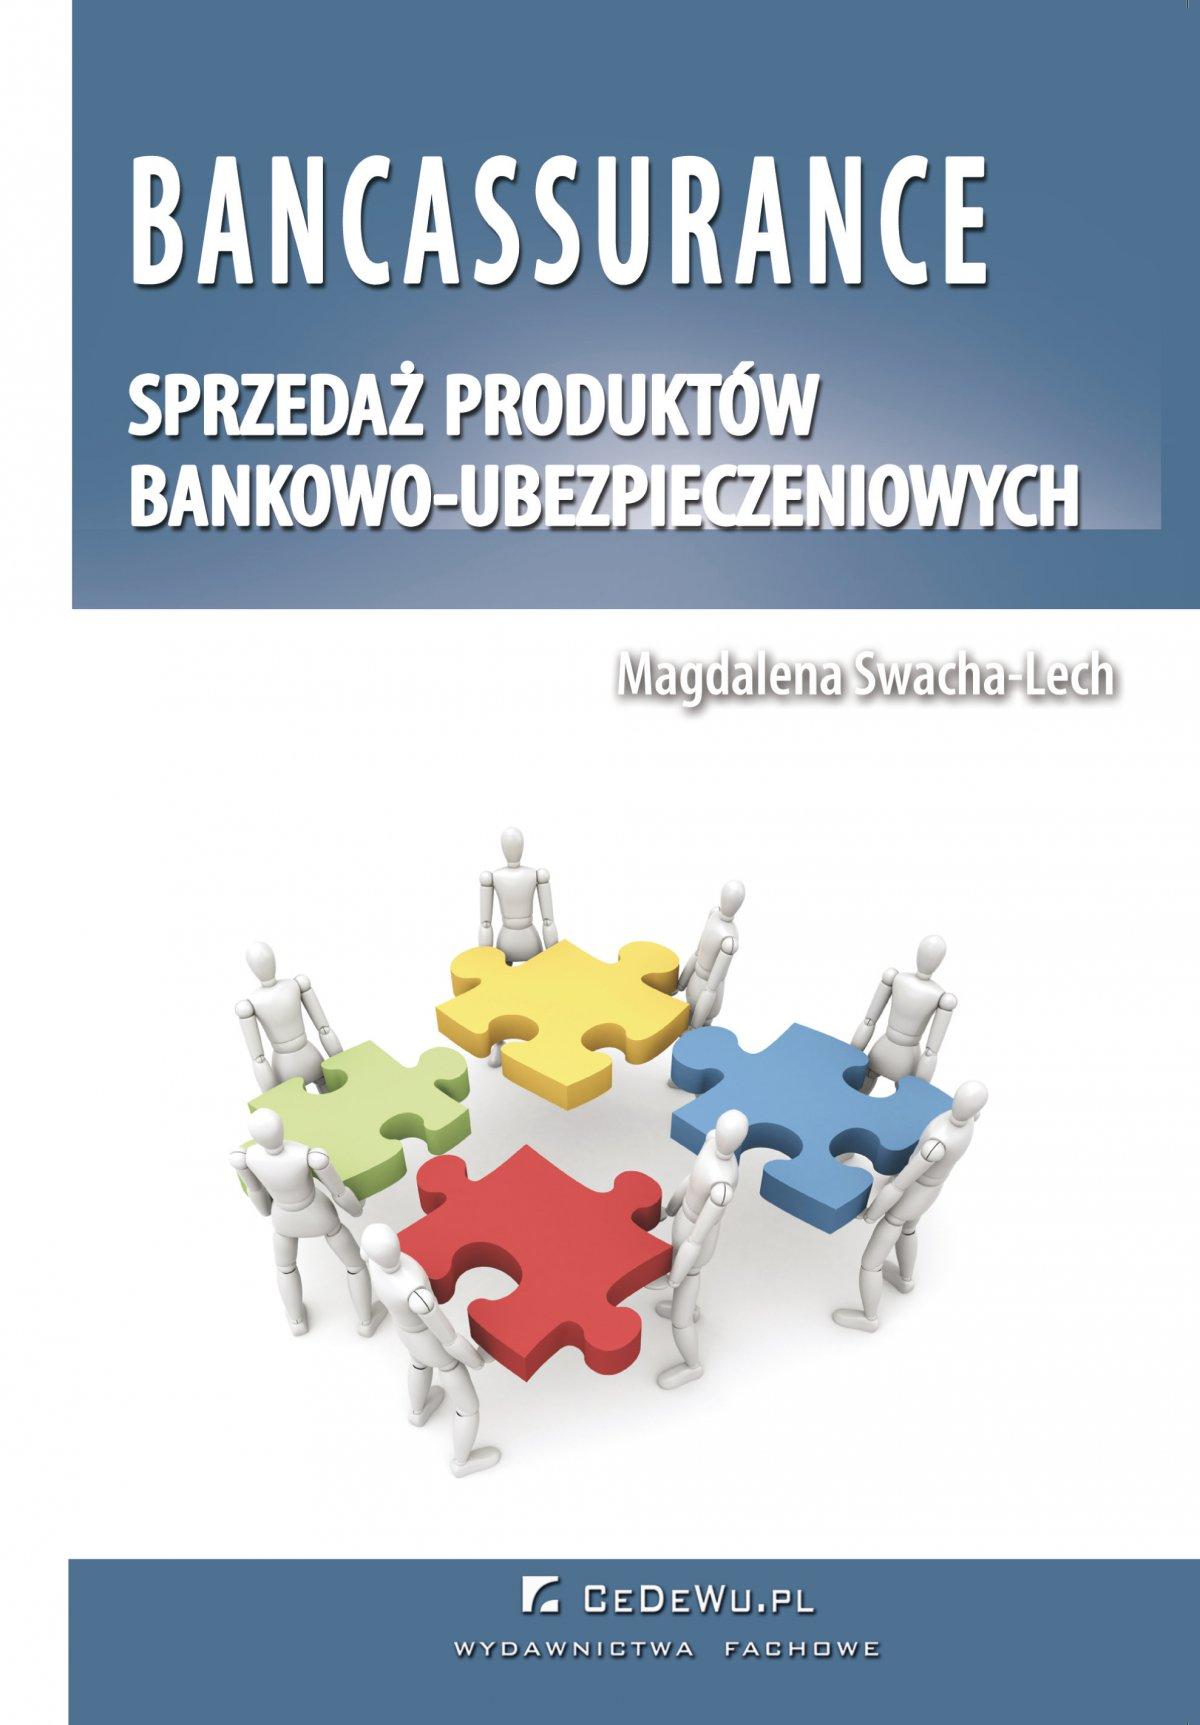 Bancassurance. Sprzedaż produktów bankowo-ubezpieczeniowych. Rozdział 3. Analiza powiązań bankowo-ubezpieczeniowych typu bancassurance w Polsce - Ebook (Książka PDF) do pobrania w formacie PDF